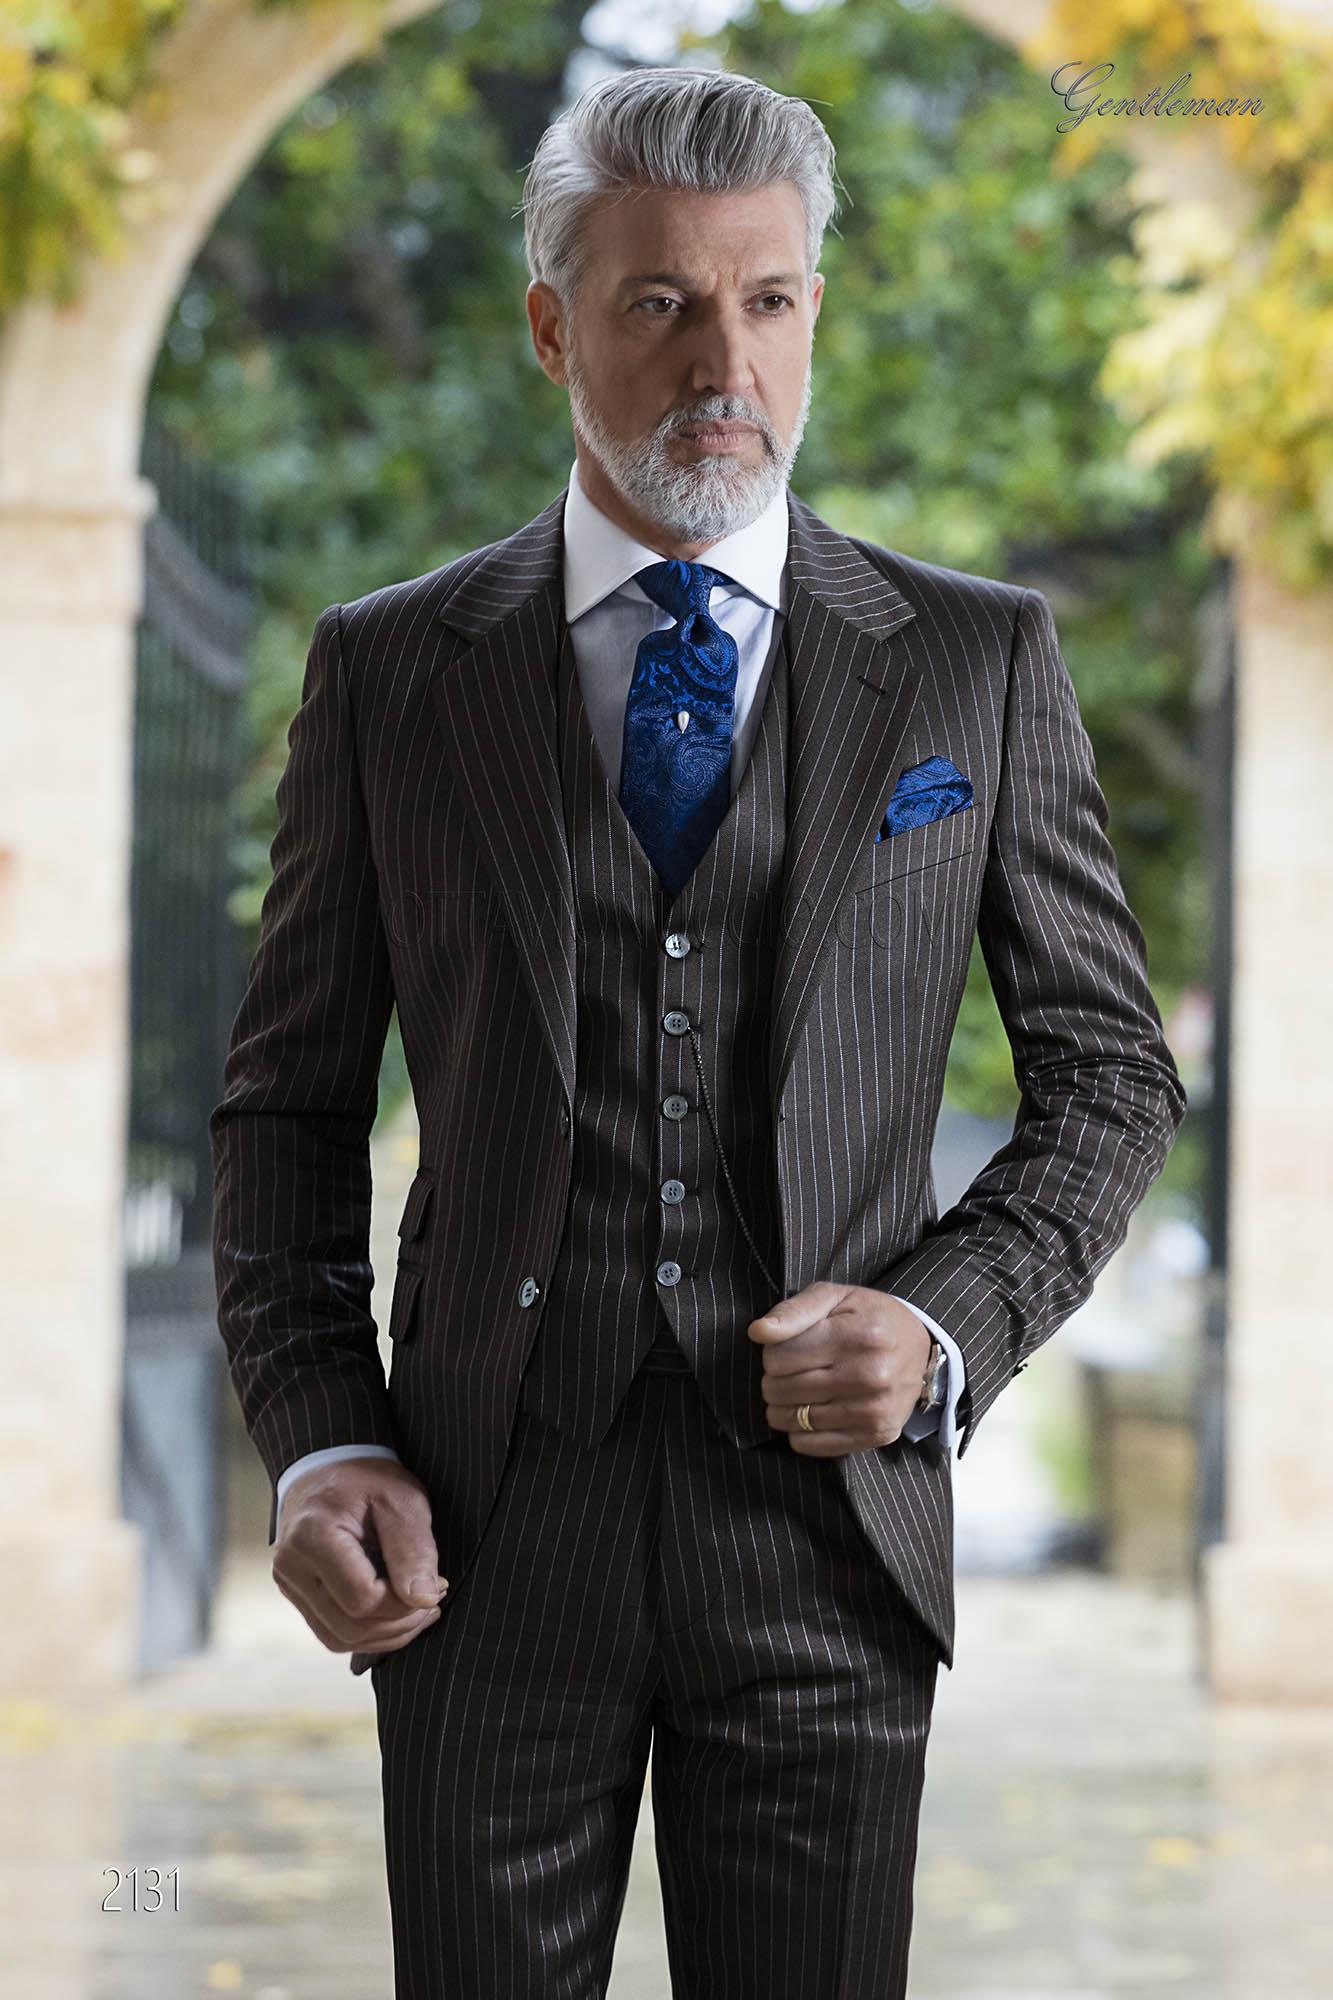 Abito Matrimonio Uomo Marrone : Abito da cerimonia marrone moda uomo fashion